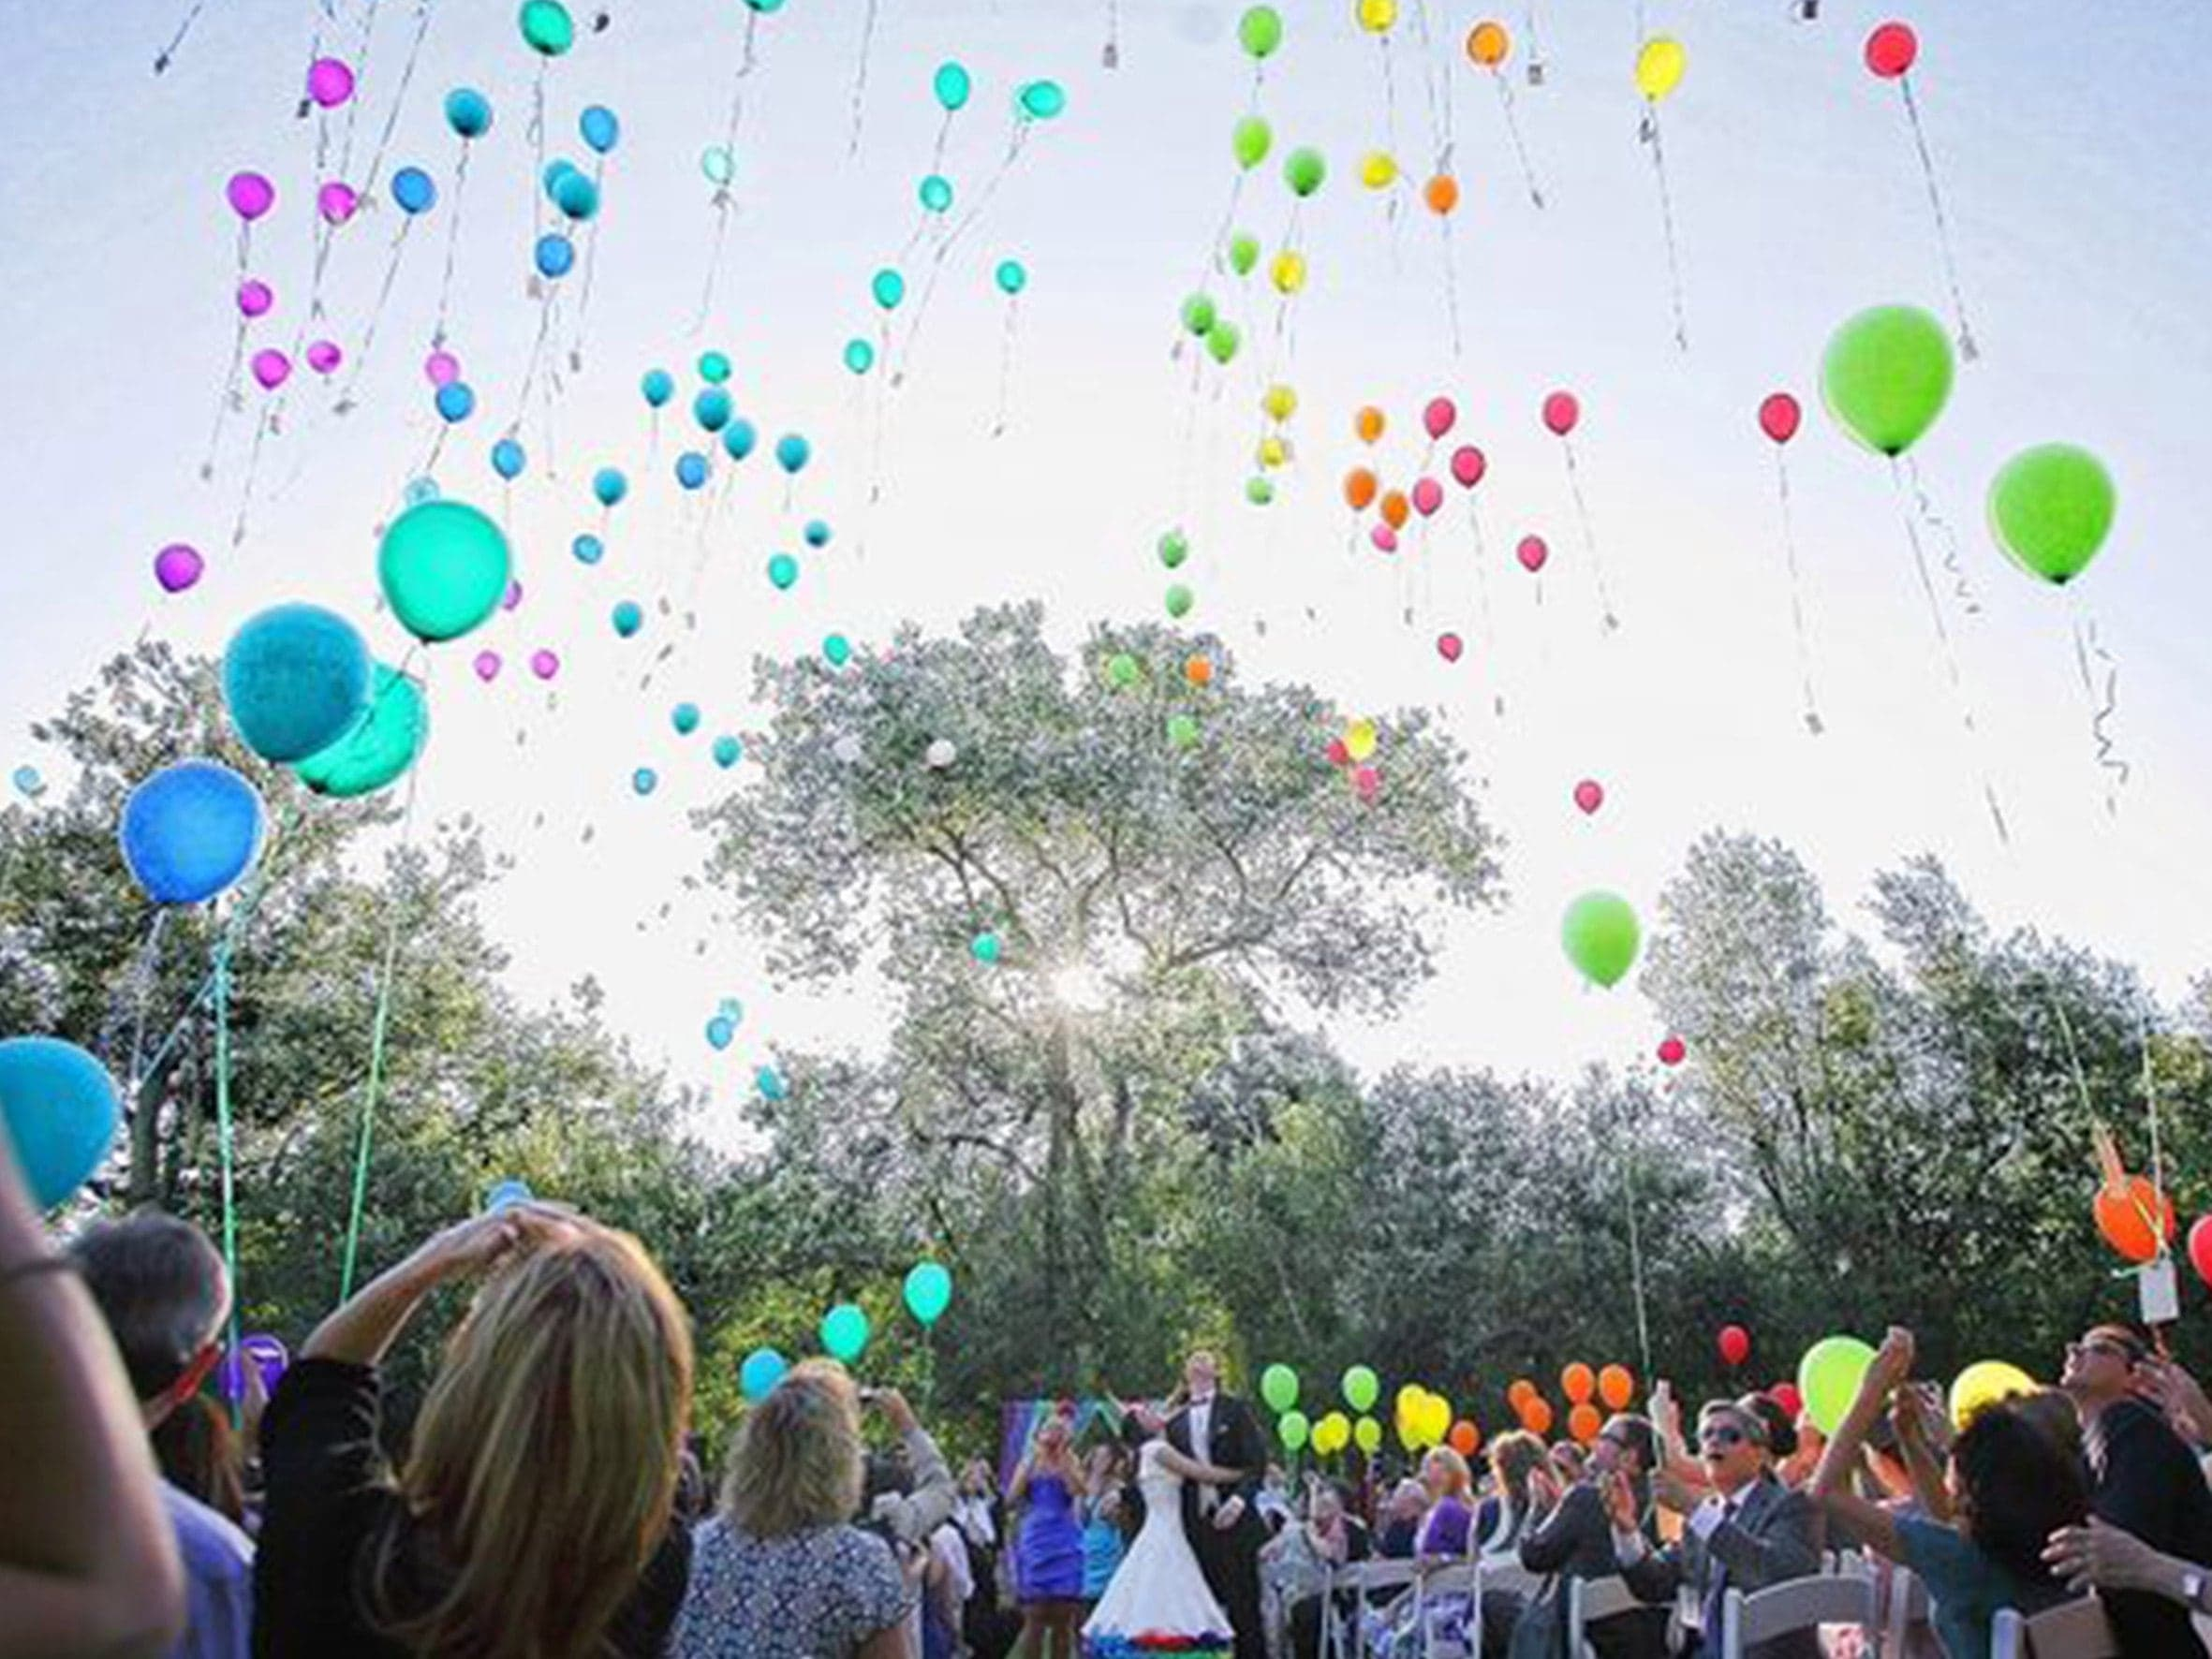 гелиевые шары на свадьбу